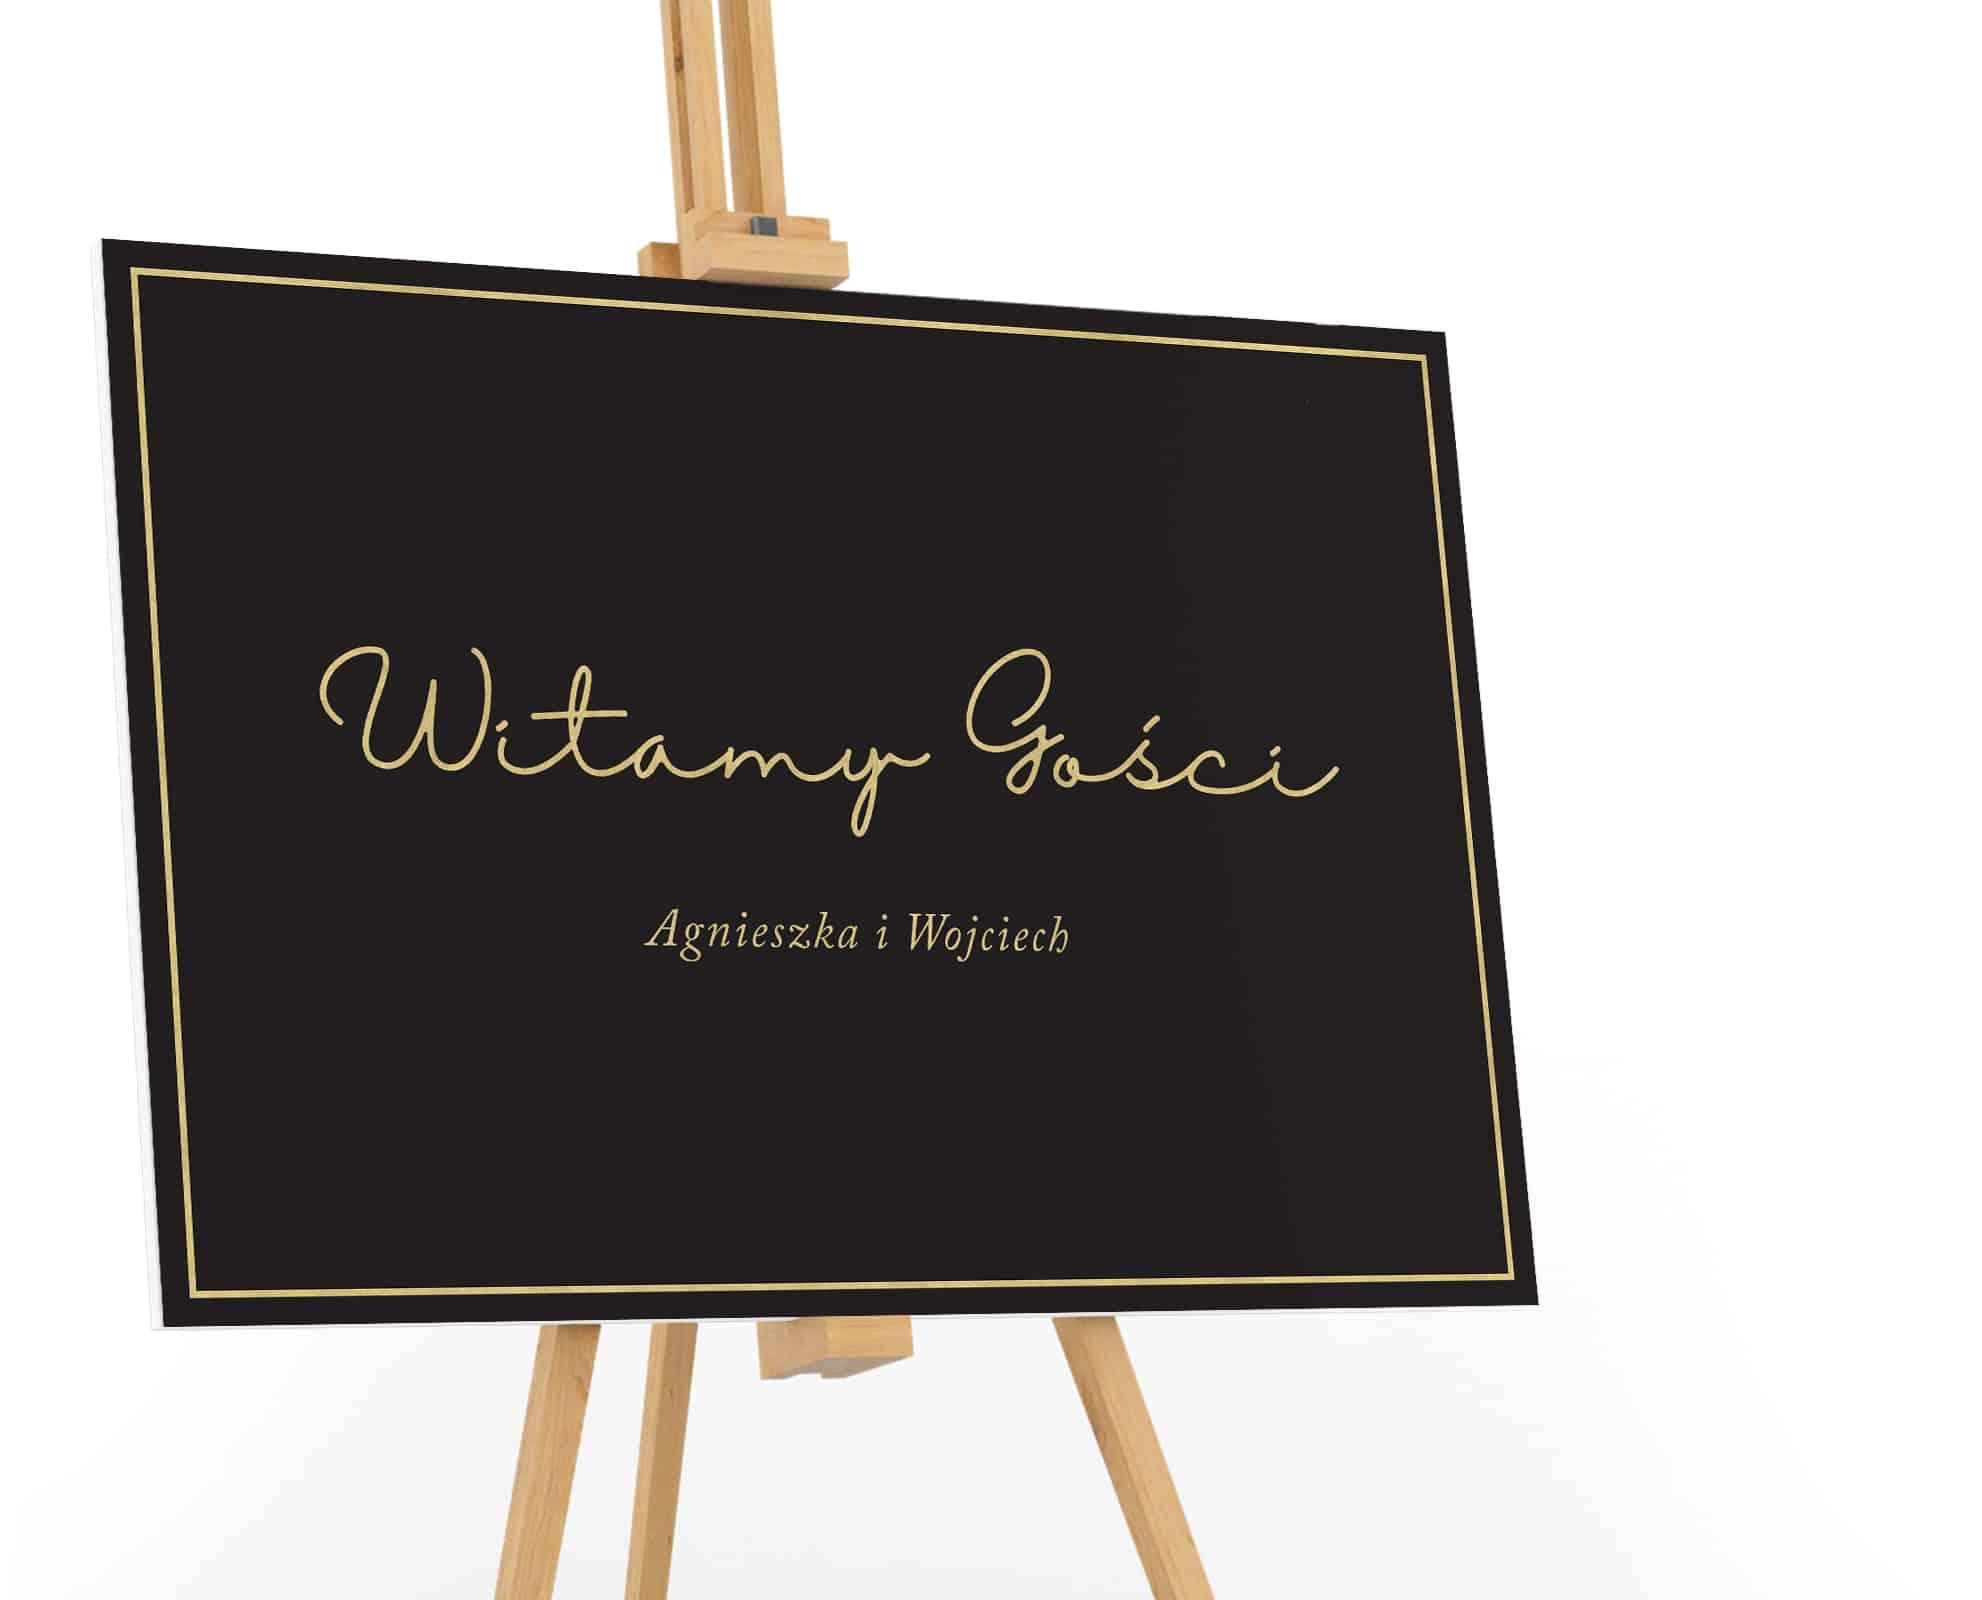 Czarna tablica powitalna ze złotym napisem witamy gosci